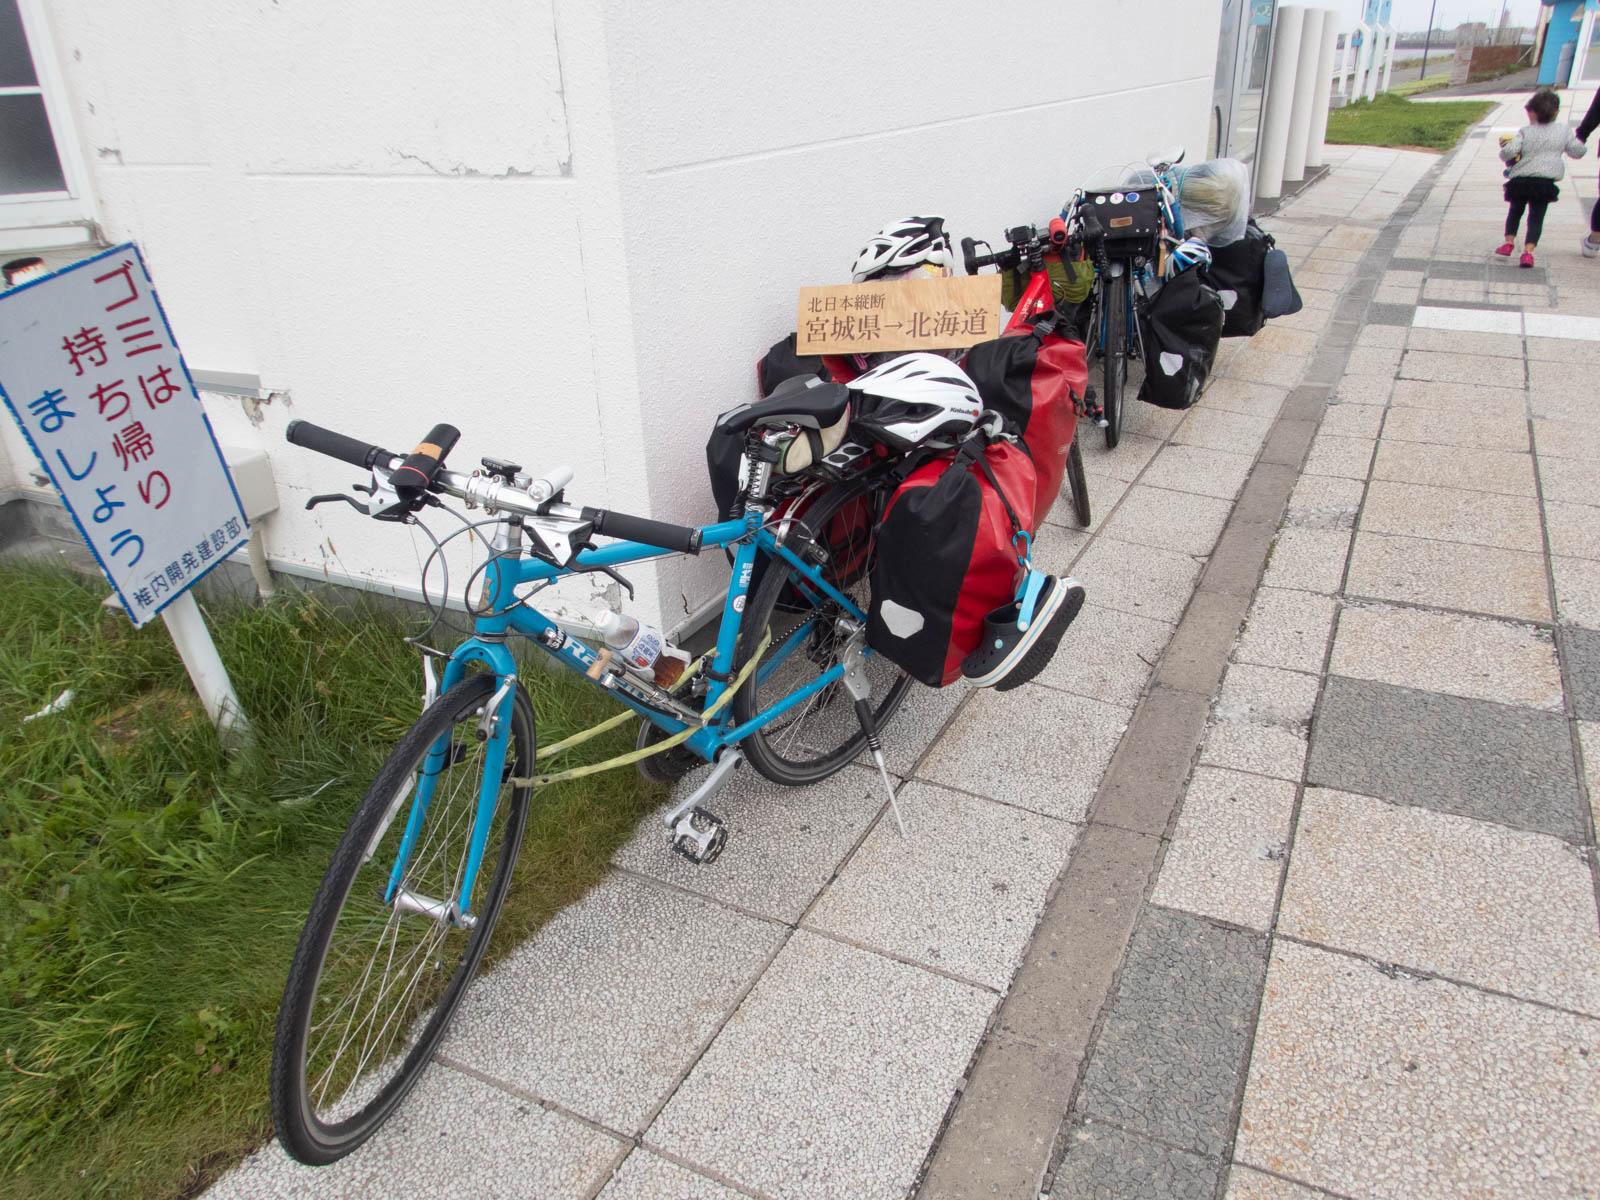 自転車で長距離旅行中らしい